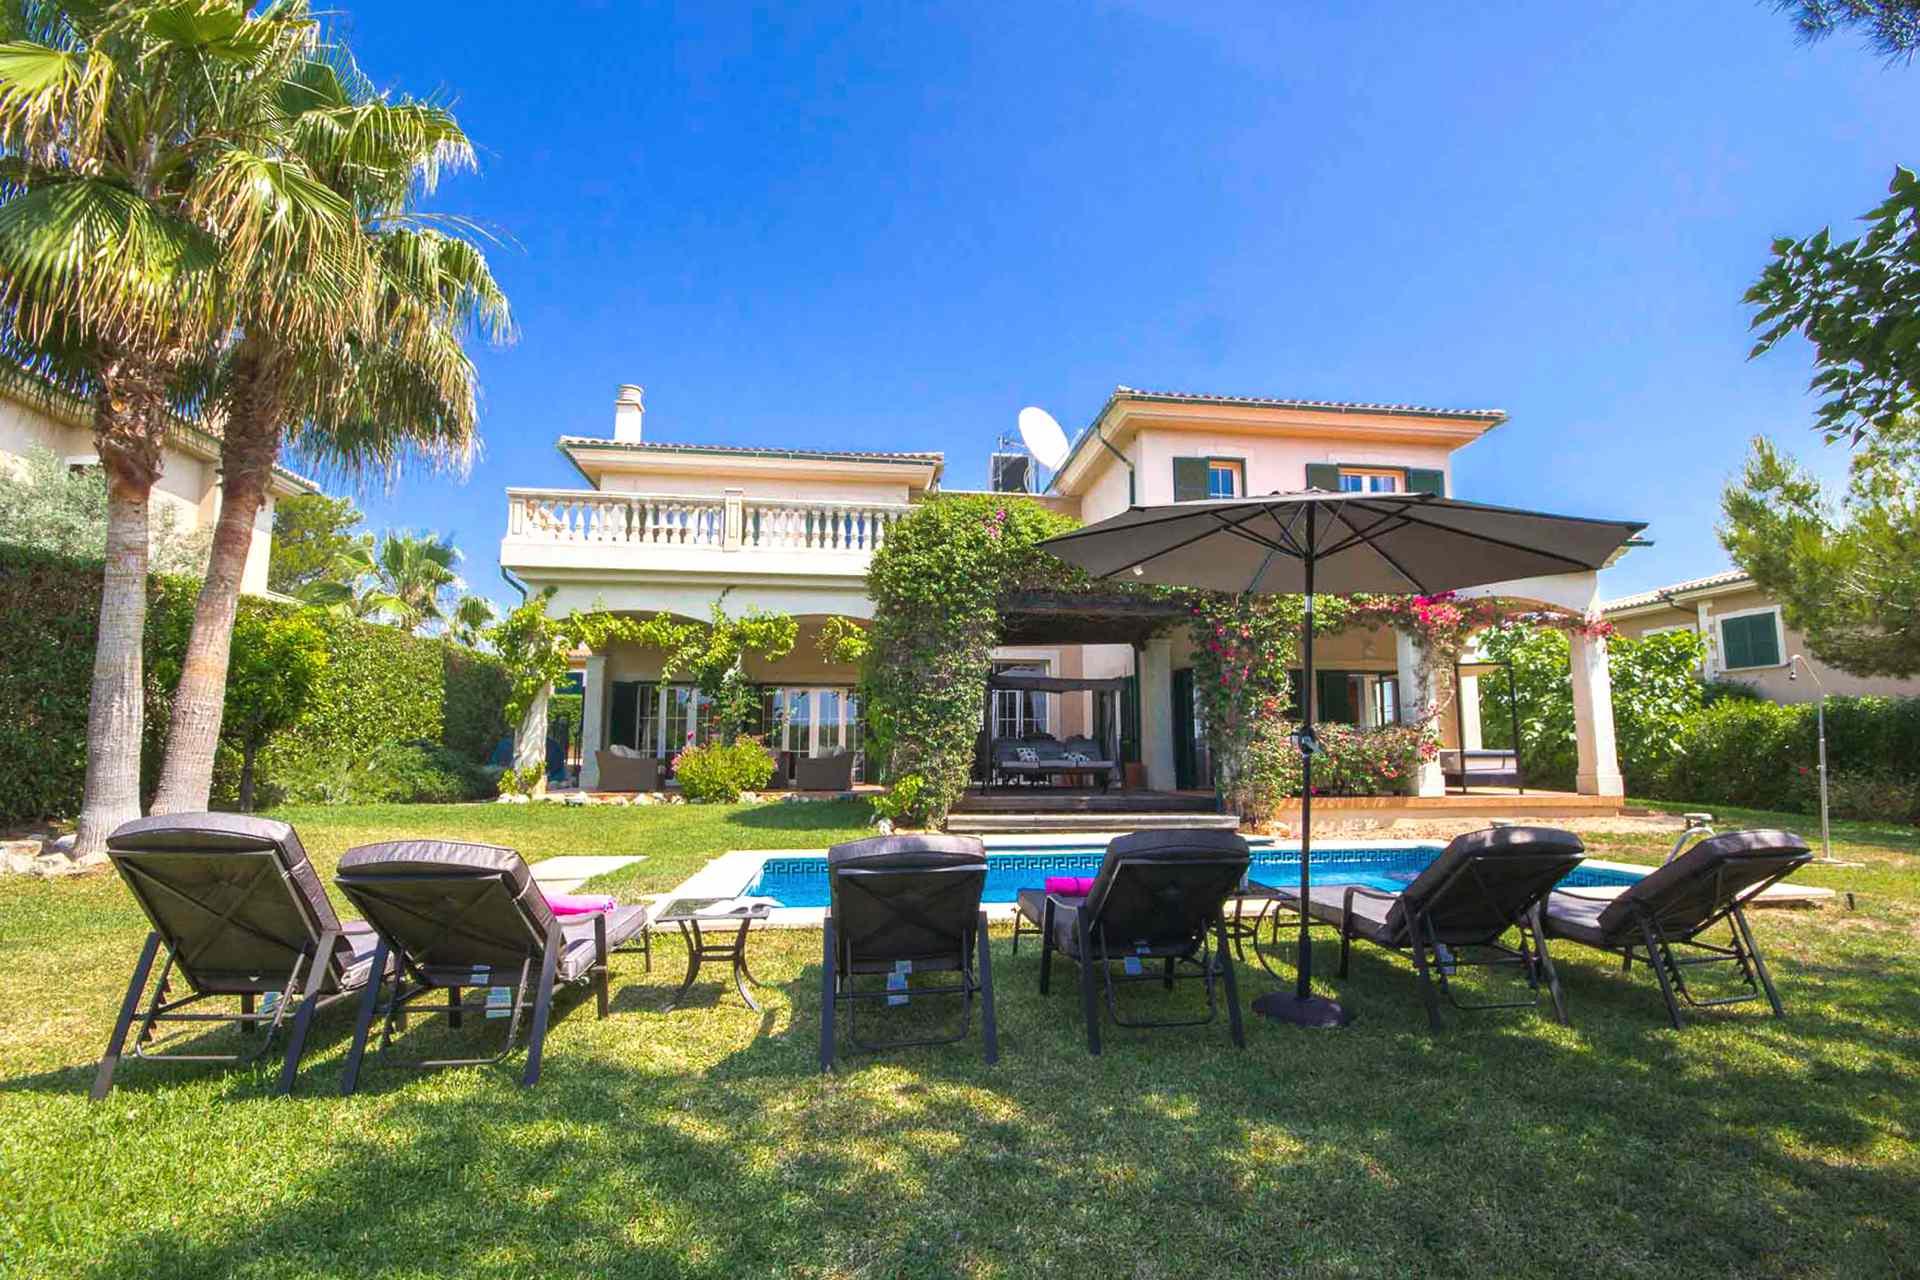 01-302 hübsches Ferienhaus Mallorca Südwesten Bild 1